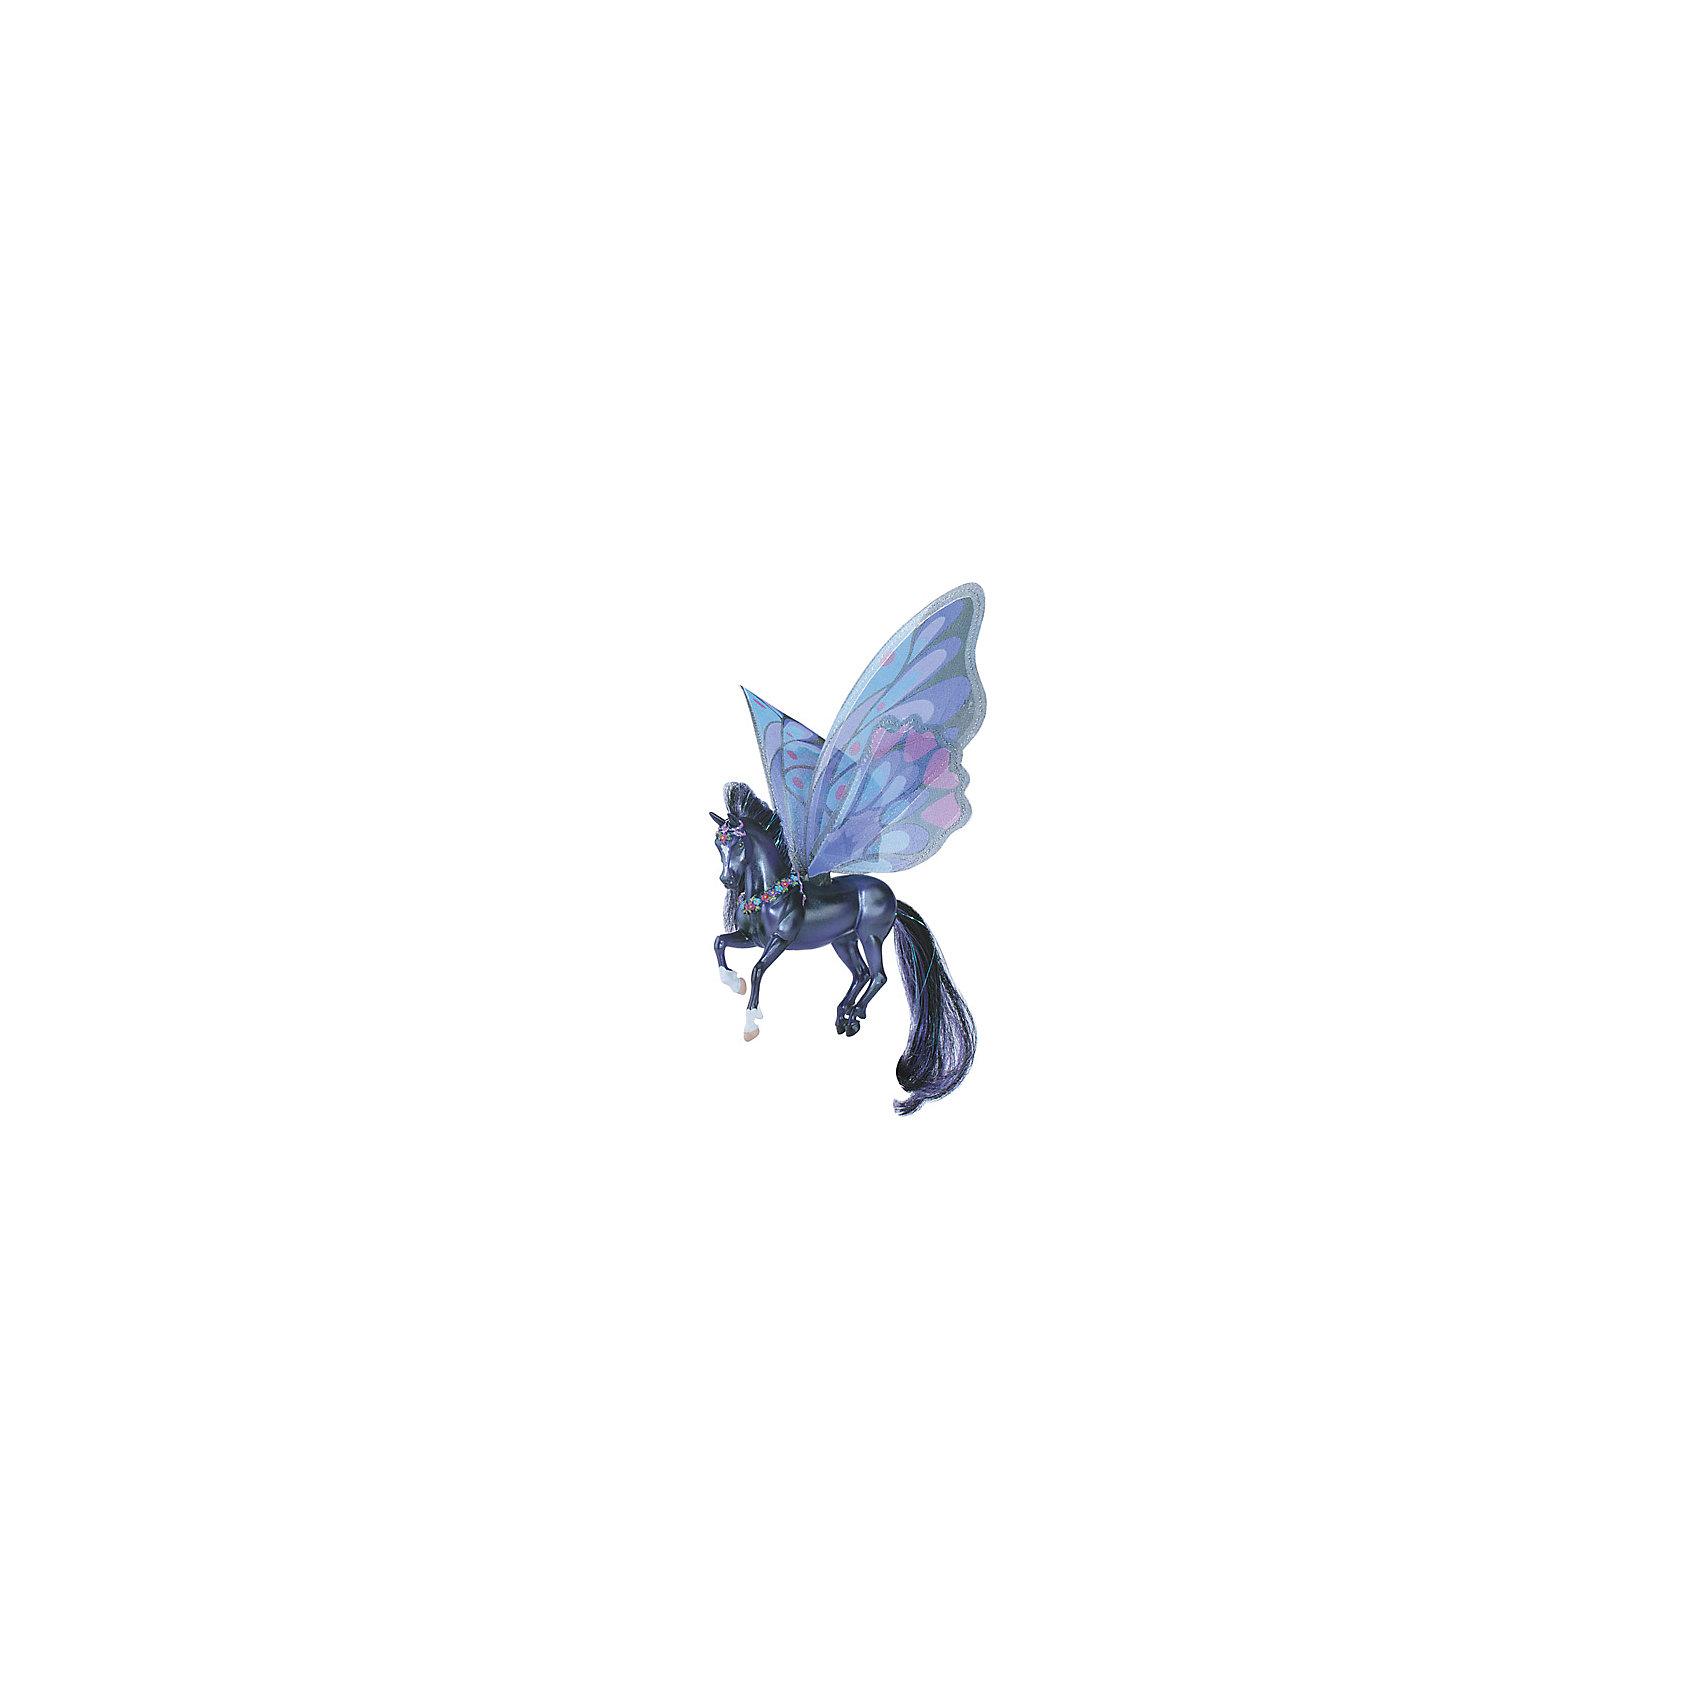 Лошадка с крыльями Кона, серия Танцы ветра, BreyerЛошадка с крыльями Кона, серия Танцы ветра, Breyer, станет отличным подарком для всех любителей этих грациозных животных. Очаровательная лошадка Кона - героиня первой книги Танцы Ветра из целой серии книг, изданных международным книжным издательством Macmillan Publishers. Фигурка поразит Вас тщательной проработкой всех деталей и реалистичностью. У лошадки фиолетово-черного цвета роскошные блестящие грива и хвост в тон туловища, передние копыта - белые. На спине Коны шелковые полупрозрачные крылья, выполненные в нежных сиренево-розовых тонах. Лошадку украшают магические цветы на голове и груди.<br><br>Лошадки, созданные мастерами компании Breyer (Бреер) являются самыми реалистичными копиями лошадей. Они отличаются точностью линий, тщательной проработкой мелких деталей и ручной росписью. Каждая лошадка особенная и не похожая на других, это настоящее произведение искусства, которое будет радовать не только детей, но и взрослых.<br><br>Дополнительная информация:<br><br>- Материал: пластик.<br>- Размер игрушки: 11,5 х 9 см.<br>- Размер упаковки: 19 х 4 х 27 см.<br>- Вес: 0,3 кг.<br><br>Лошадку с крыльями Кона, серия Танцы ветра, Breyer, можно купить в нашем интернет-магазине.<br><br>Ширина мм: 190<br>Глубина мм: 40<br>Высота мм: 270<br>Вес г: 300<br>Возраст от месяцев: 36<br>Возраст до месяцев: 1188<br>Пол: Унисекс<br>Возраст: Детский<br>SKU: 4552538